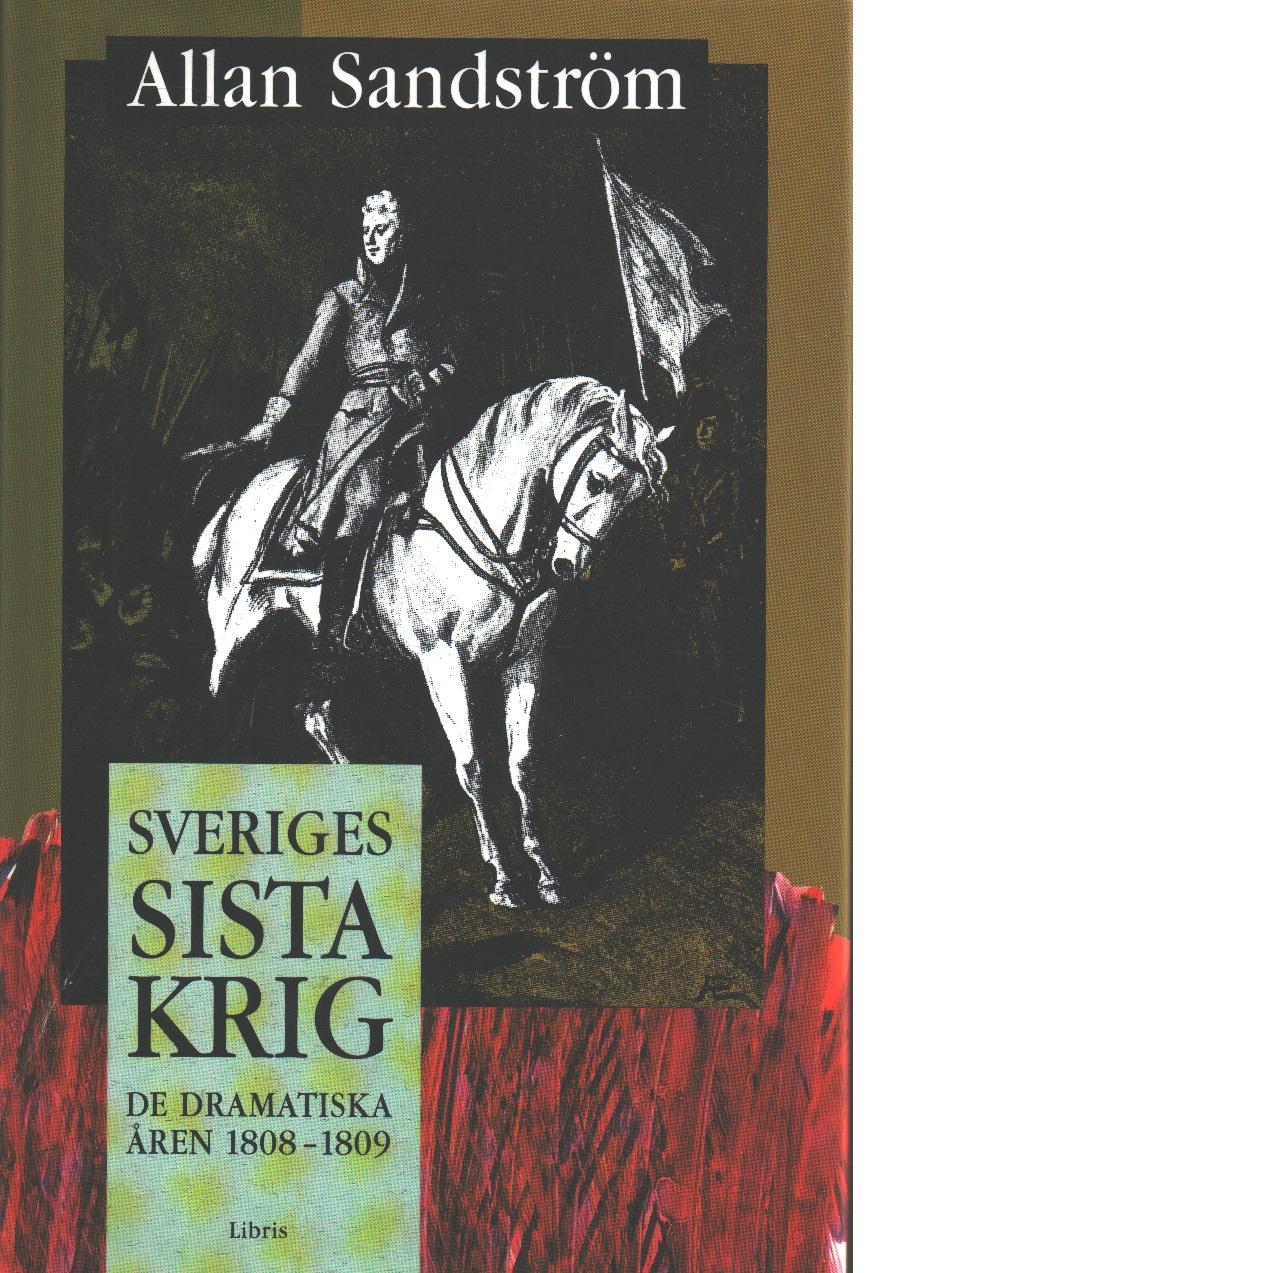 Sveriges sista krig : de dramatiska åren 1808-1809 - Sandström, Allan